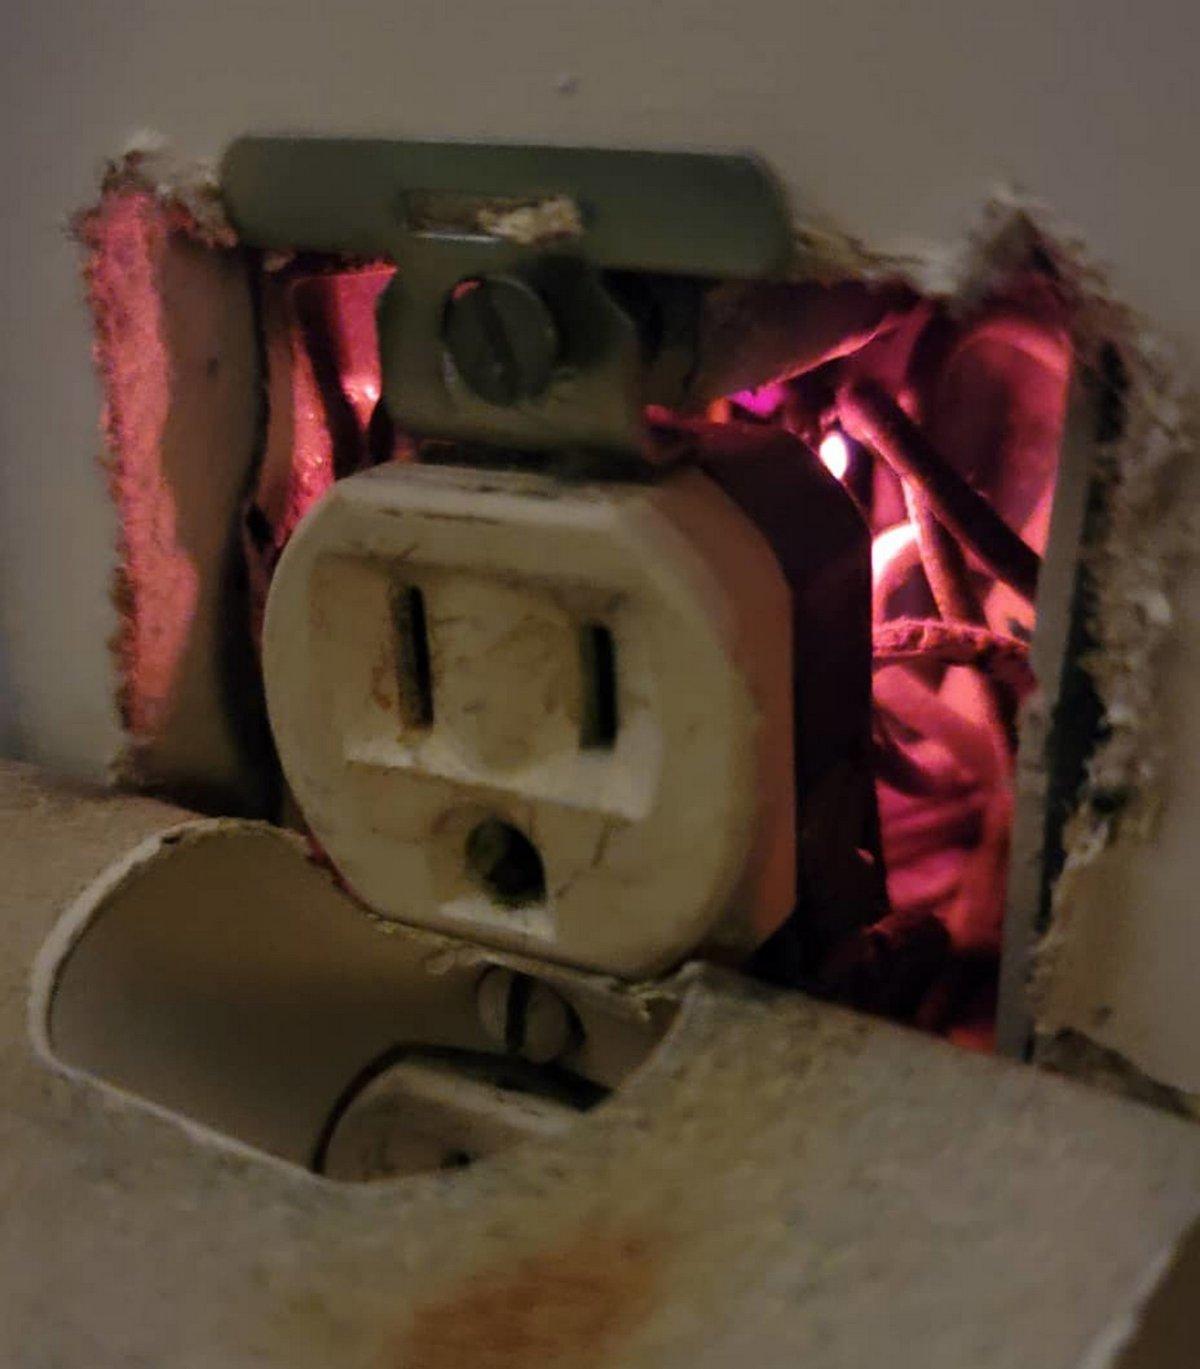 Cette chienne a sauvé sa famille en trouvant un feu caché derrière une prise électrique